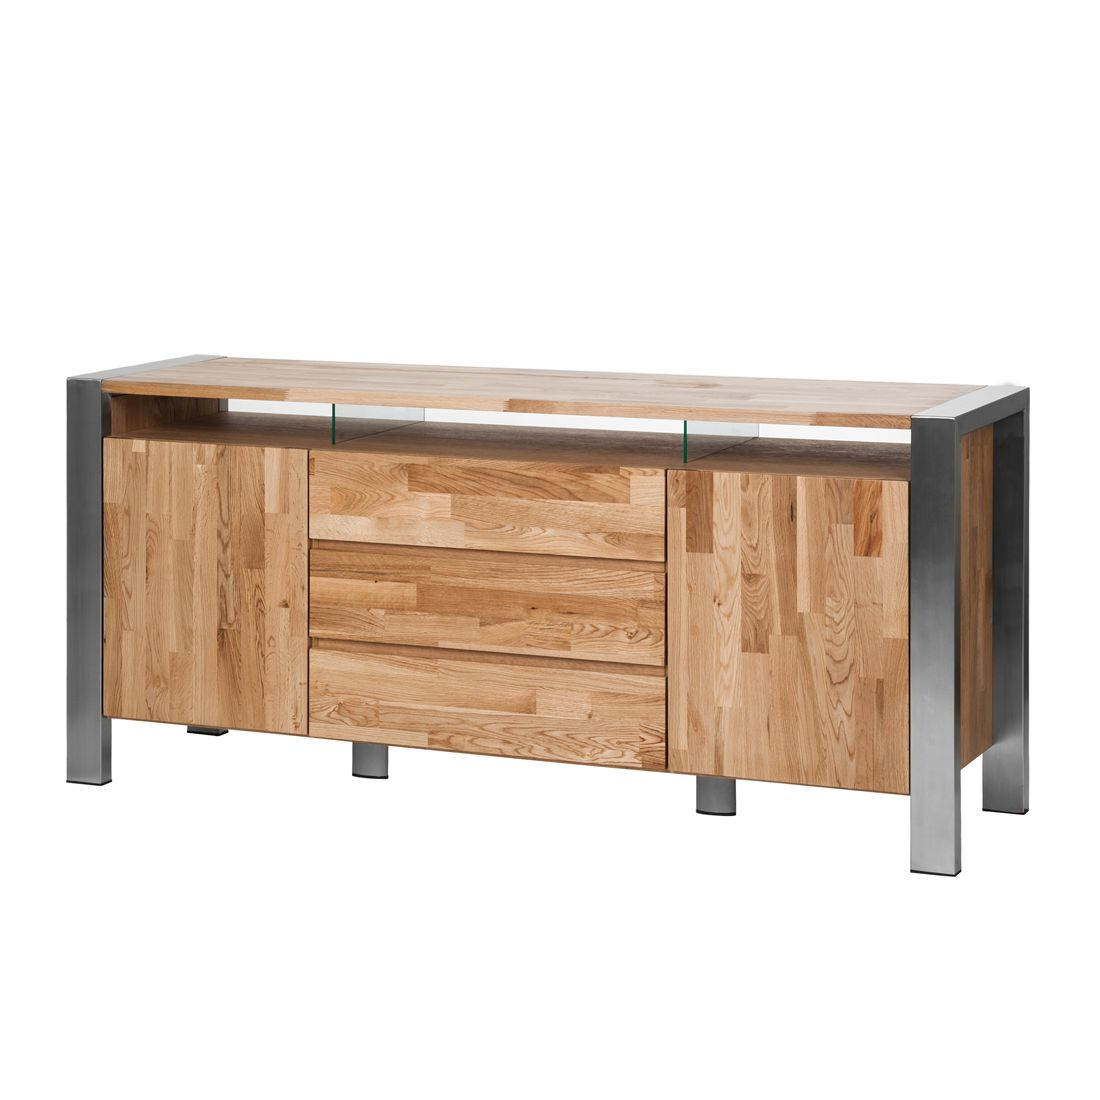 Küche Hängeschrank Höhe mit perfekt ideen für ihr haus design ideen